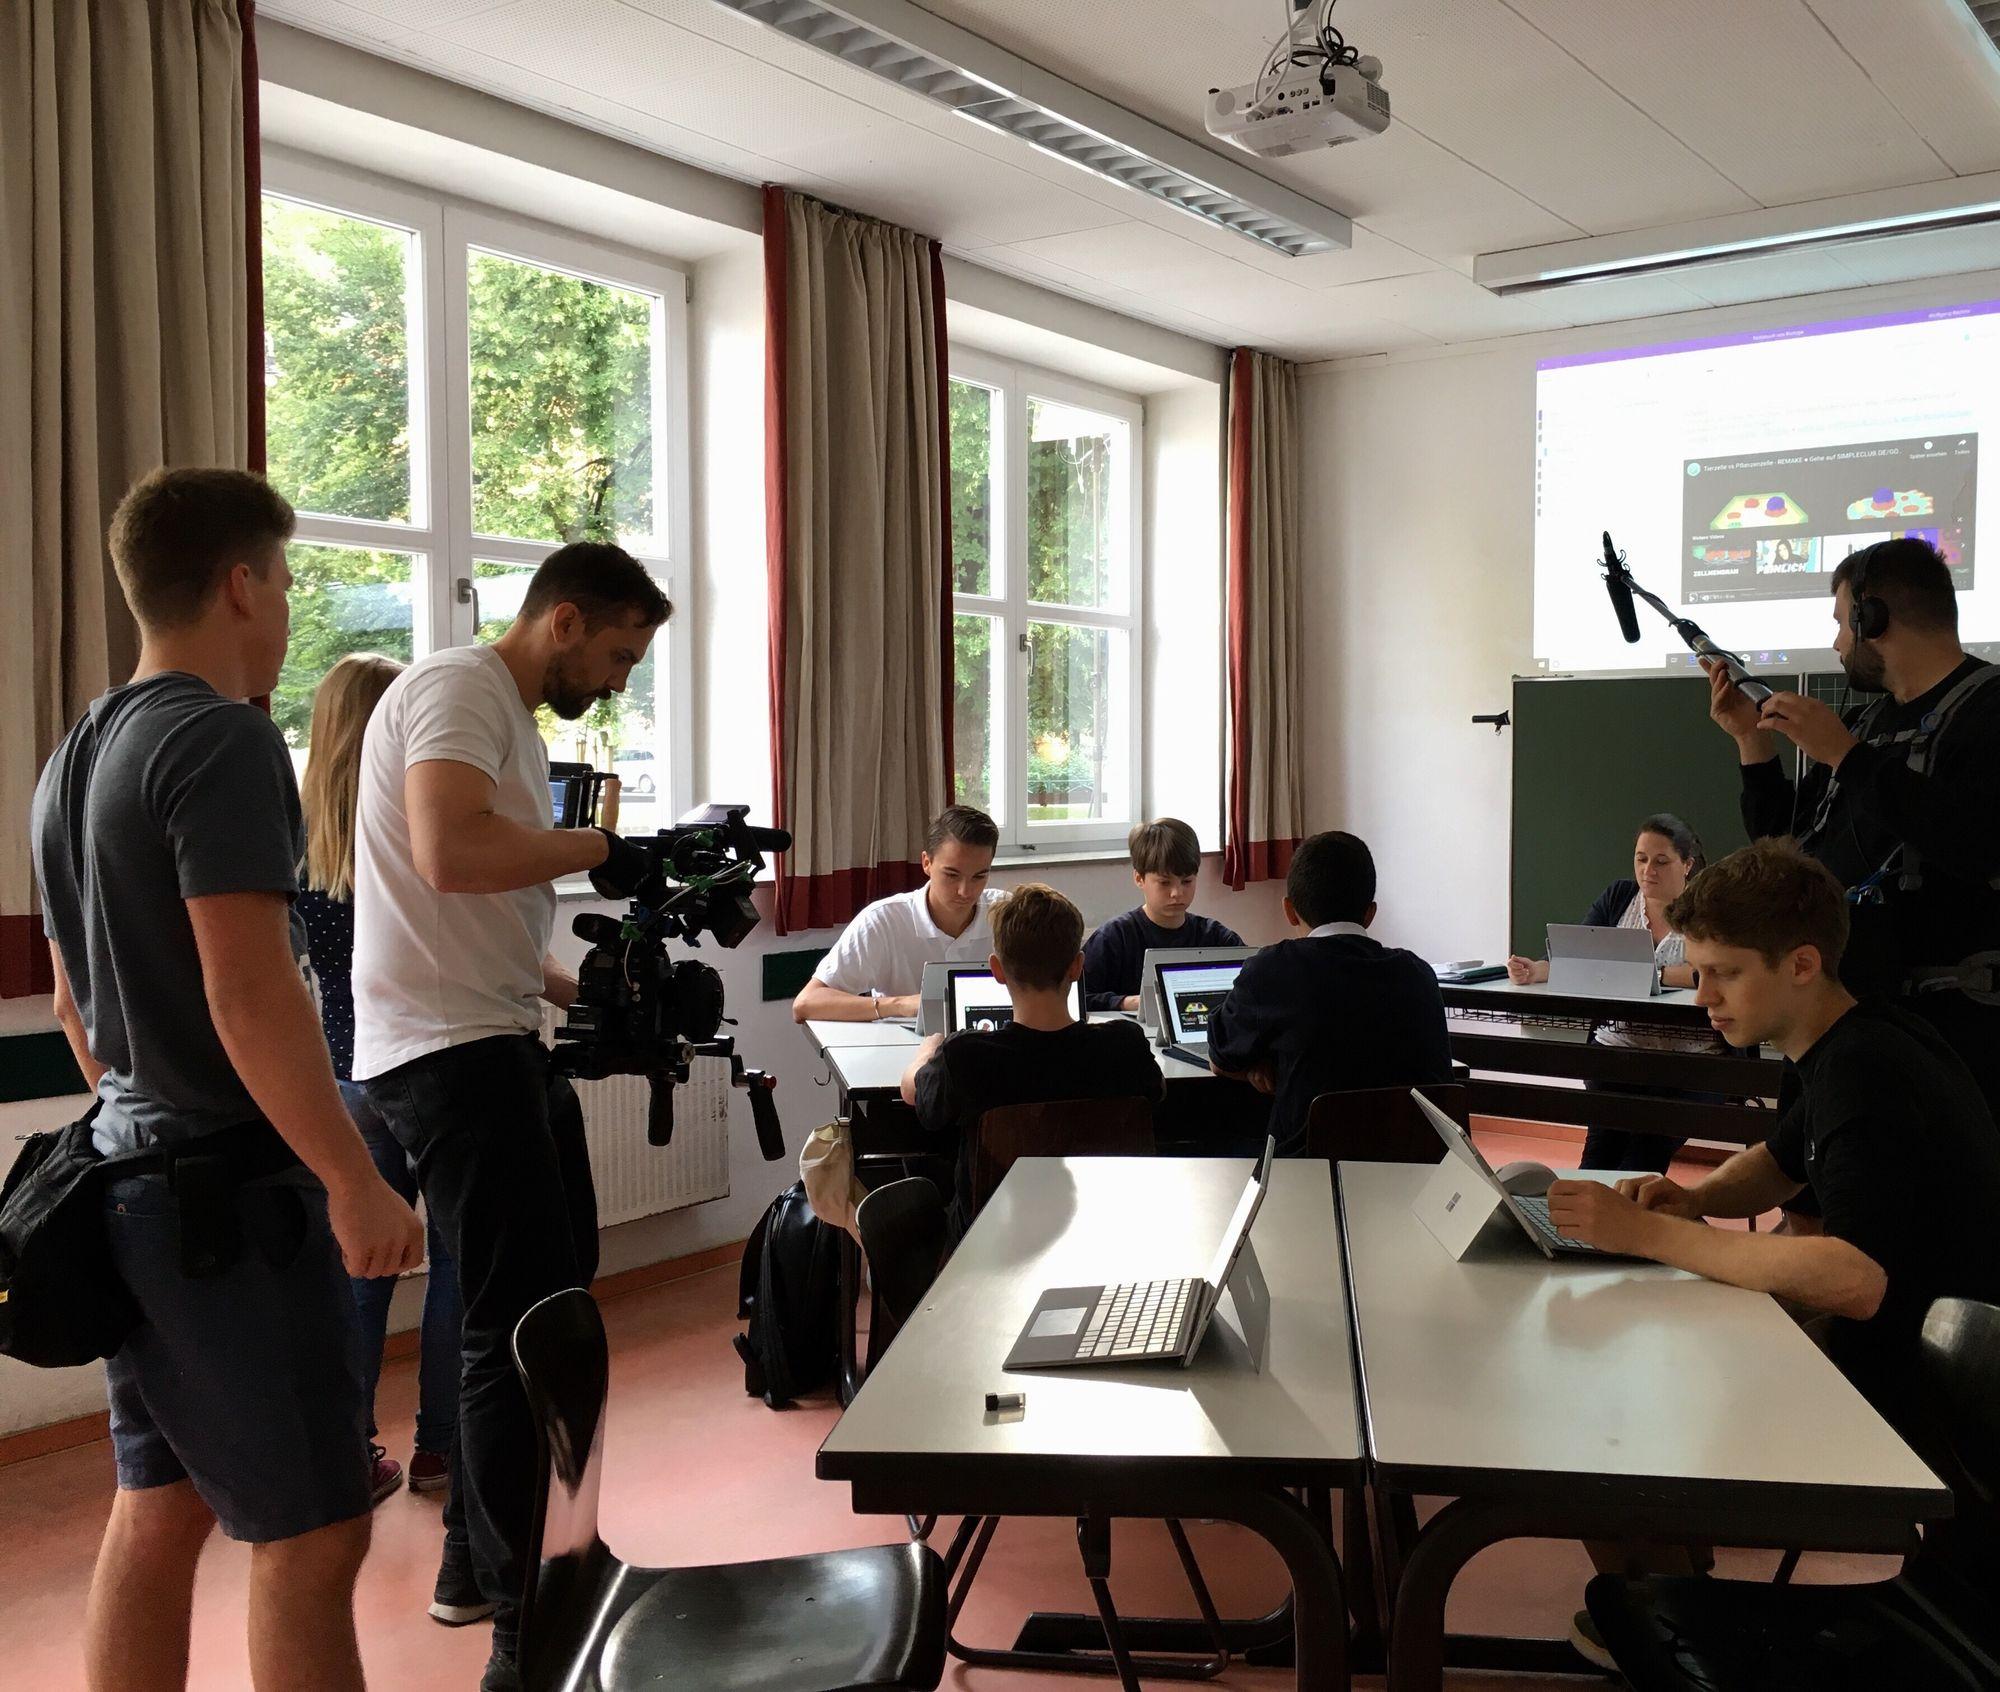 Ein Filmteam dreht eine Szene im Klassenraum, in der Lernenden an ihren Surface Geräten arbeiten